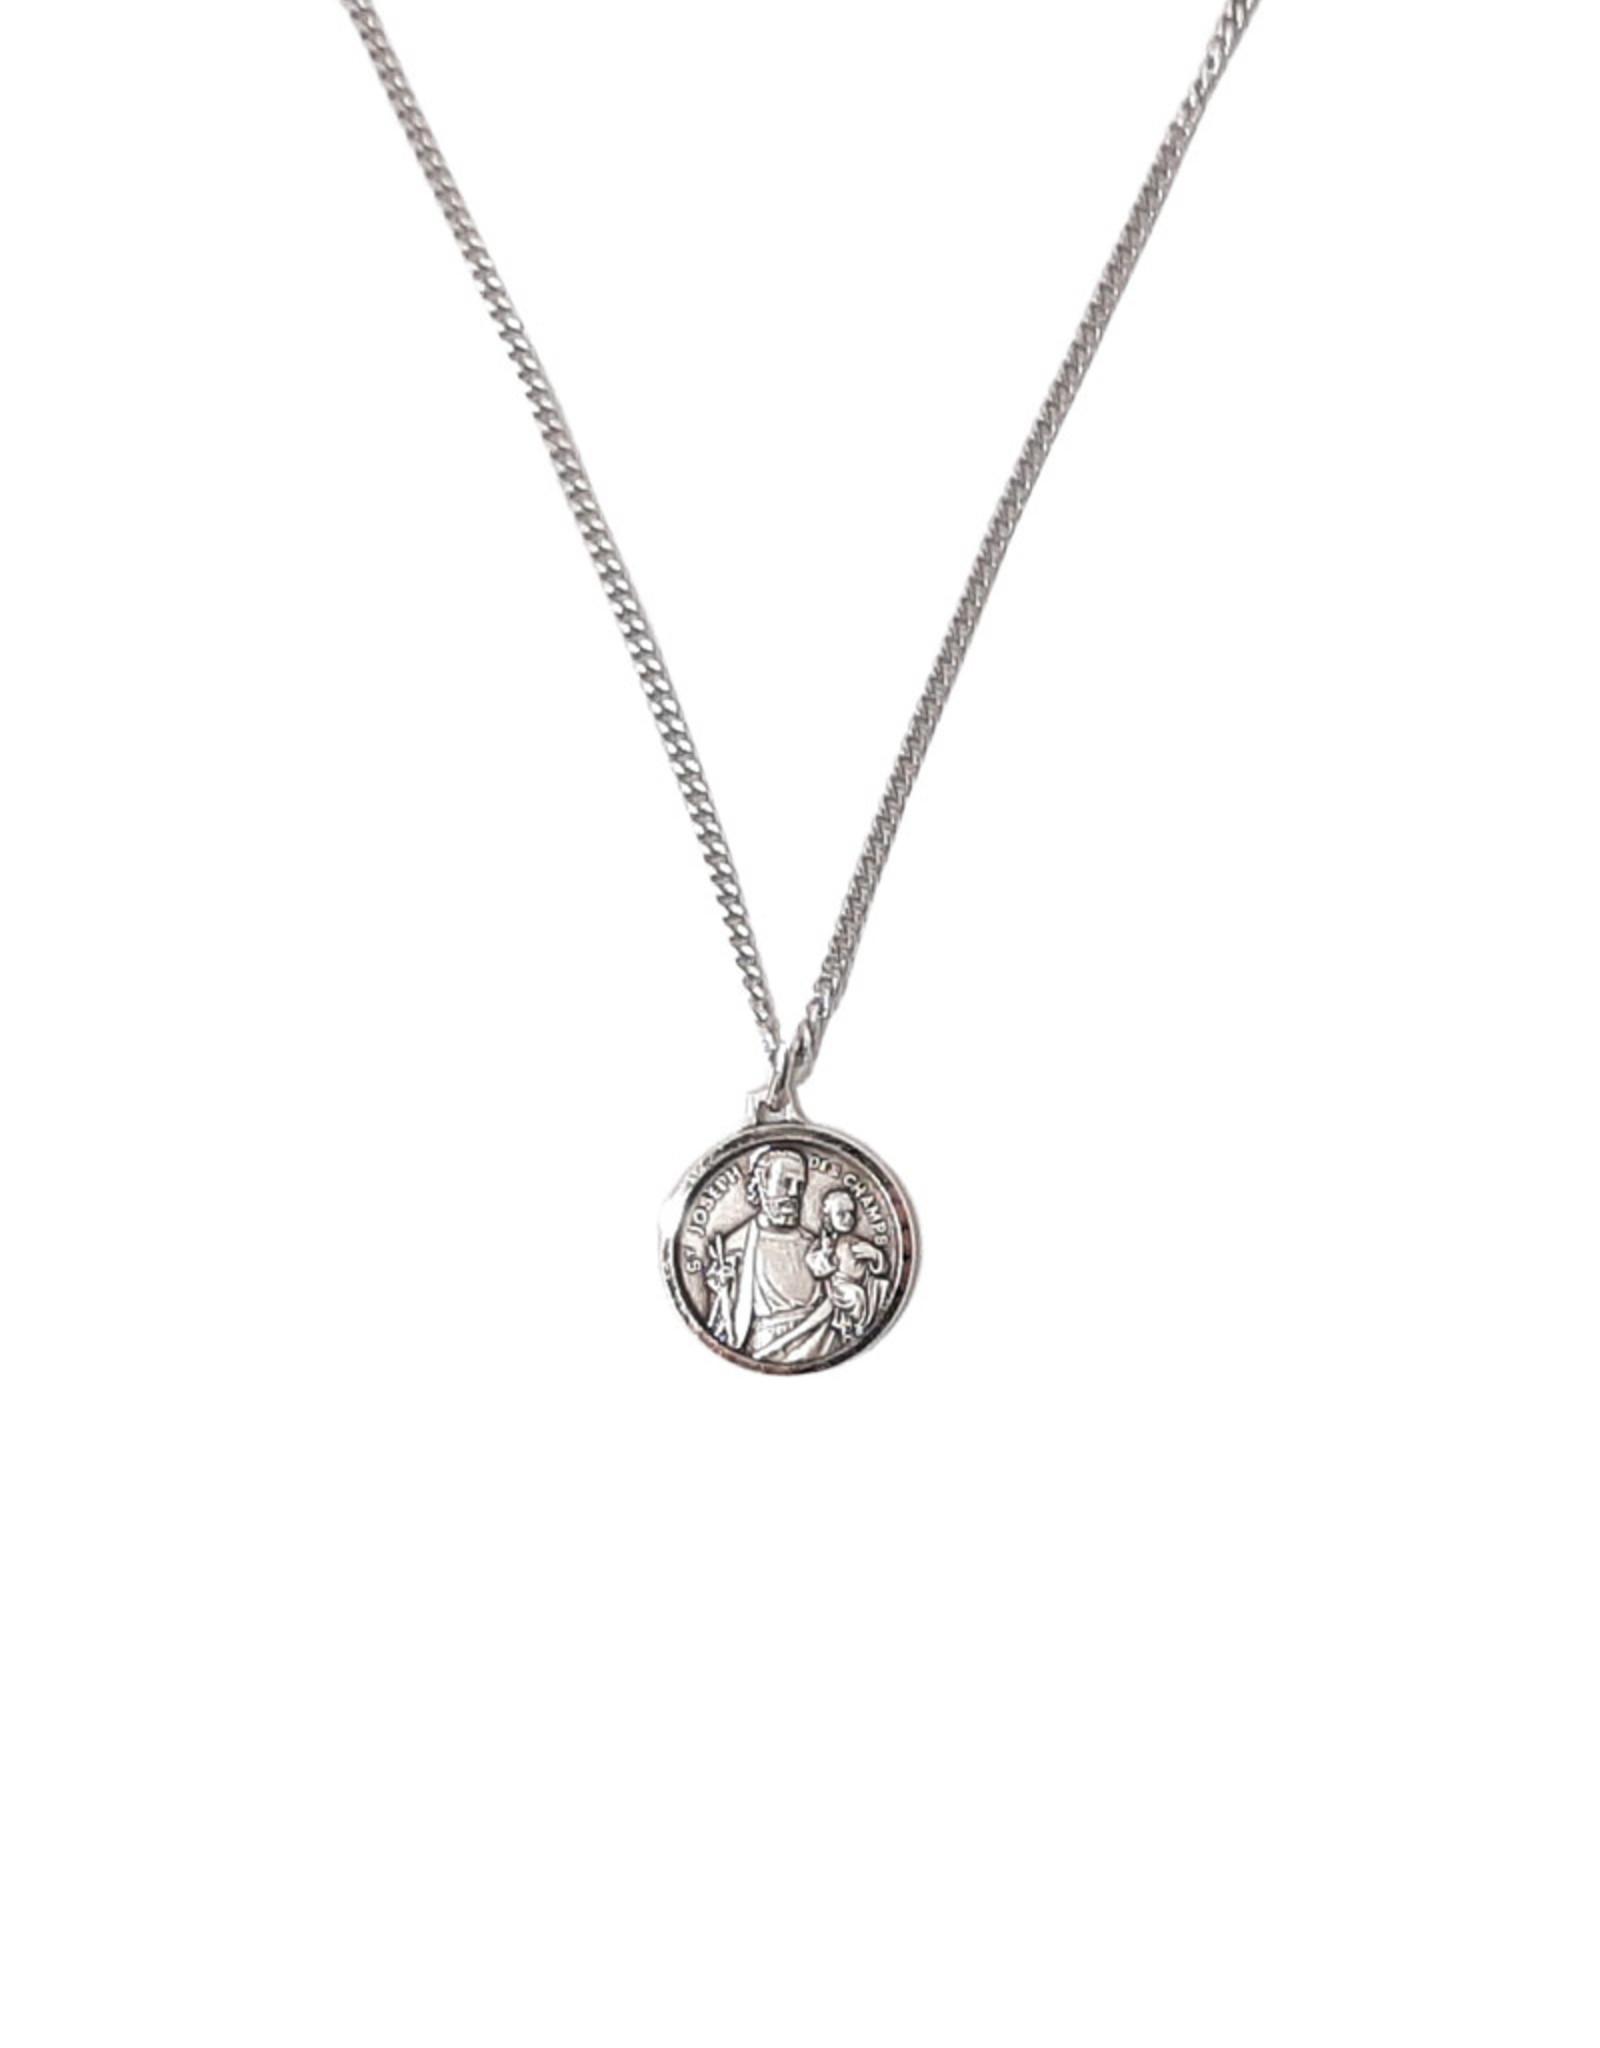 Pendentif : médaille de Saint Joseph et chaîne